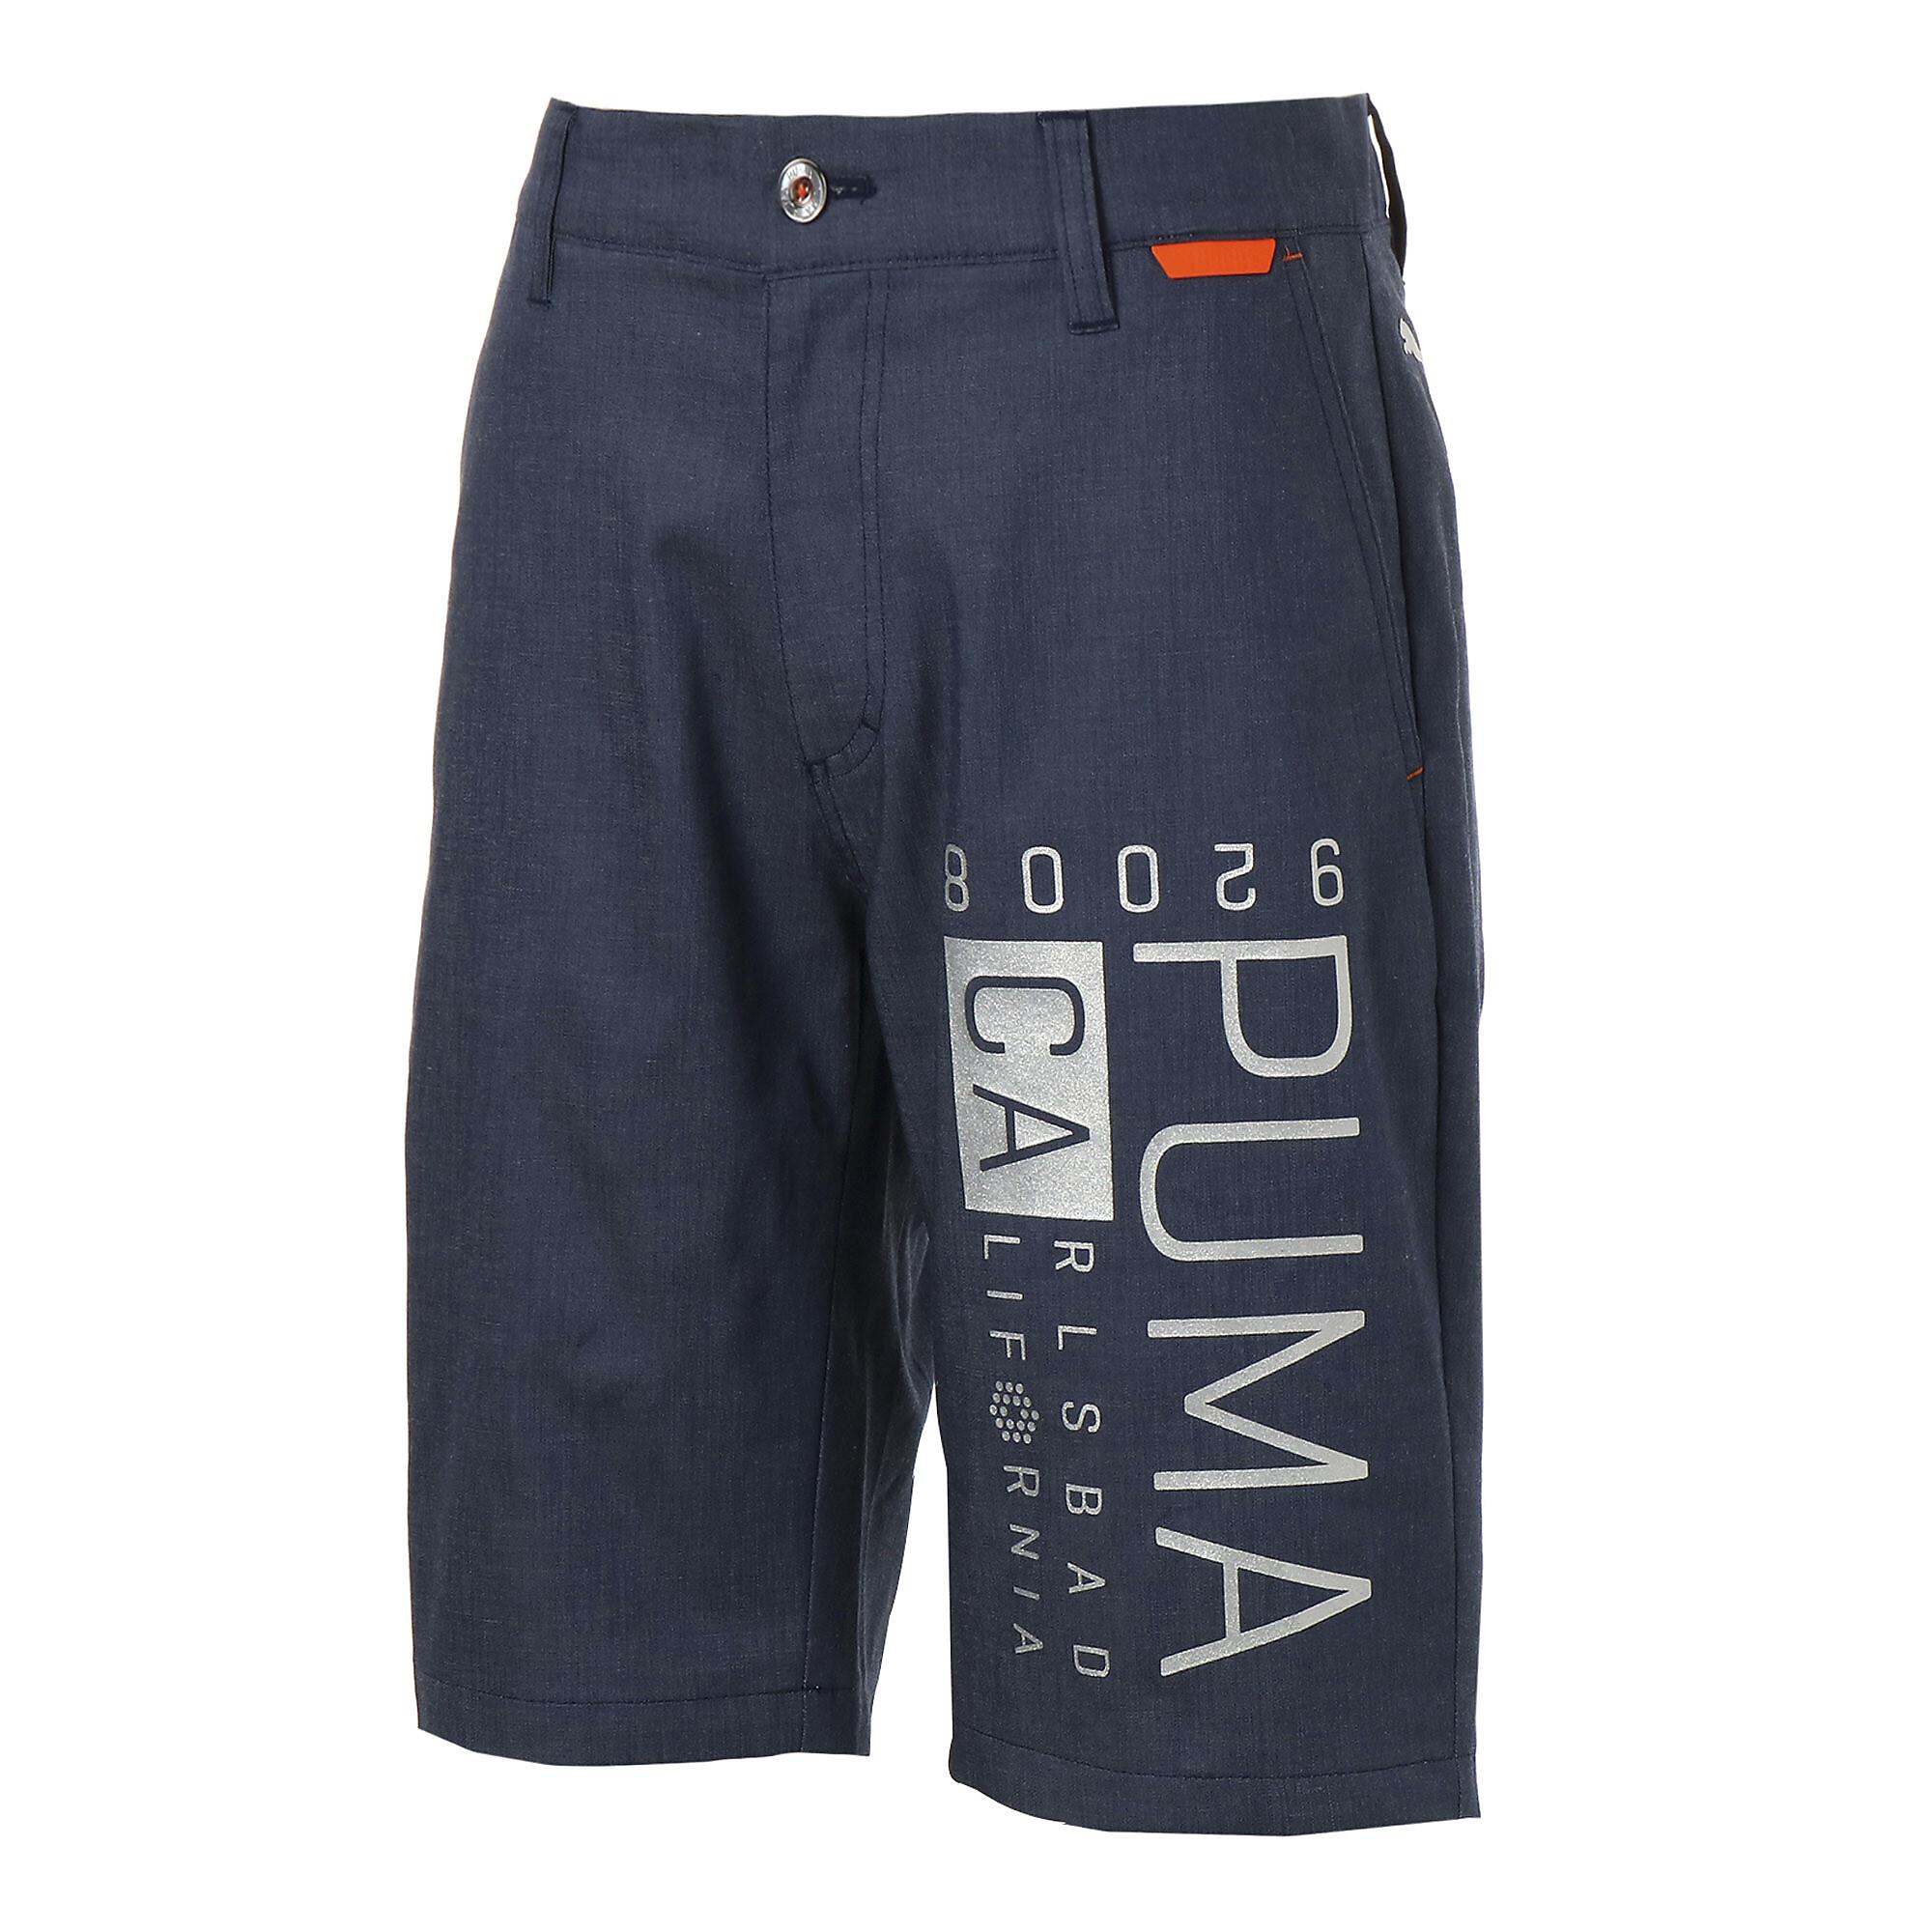 【プーマ公式通販】 プーマ ゴルフ CA ショーツ メンズ Peacoat |PUMA.com